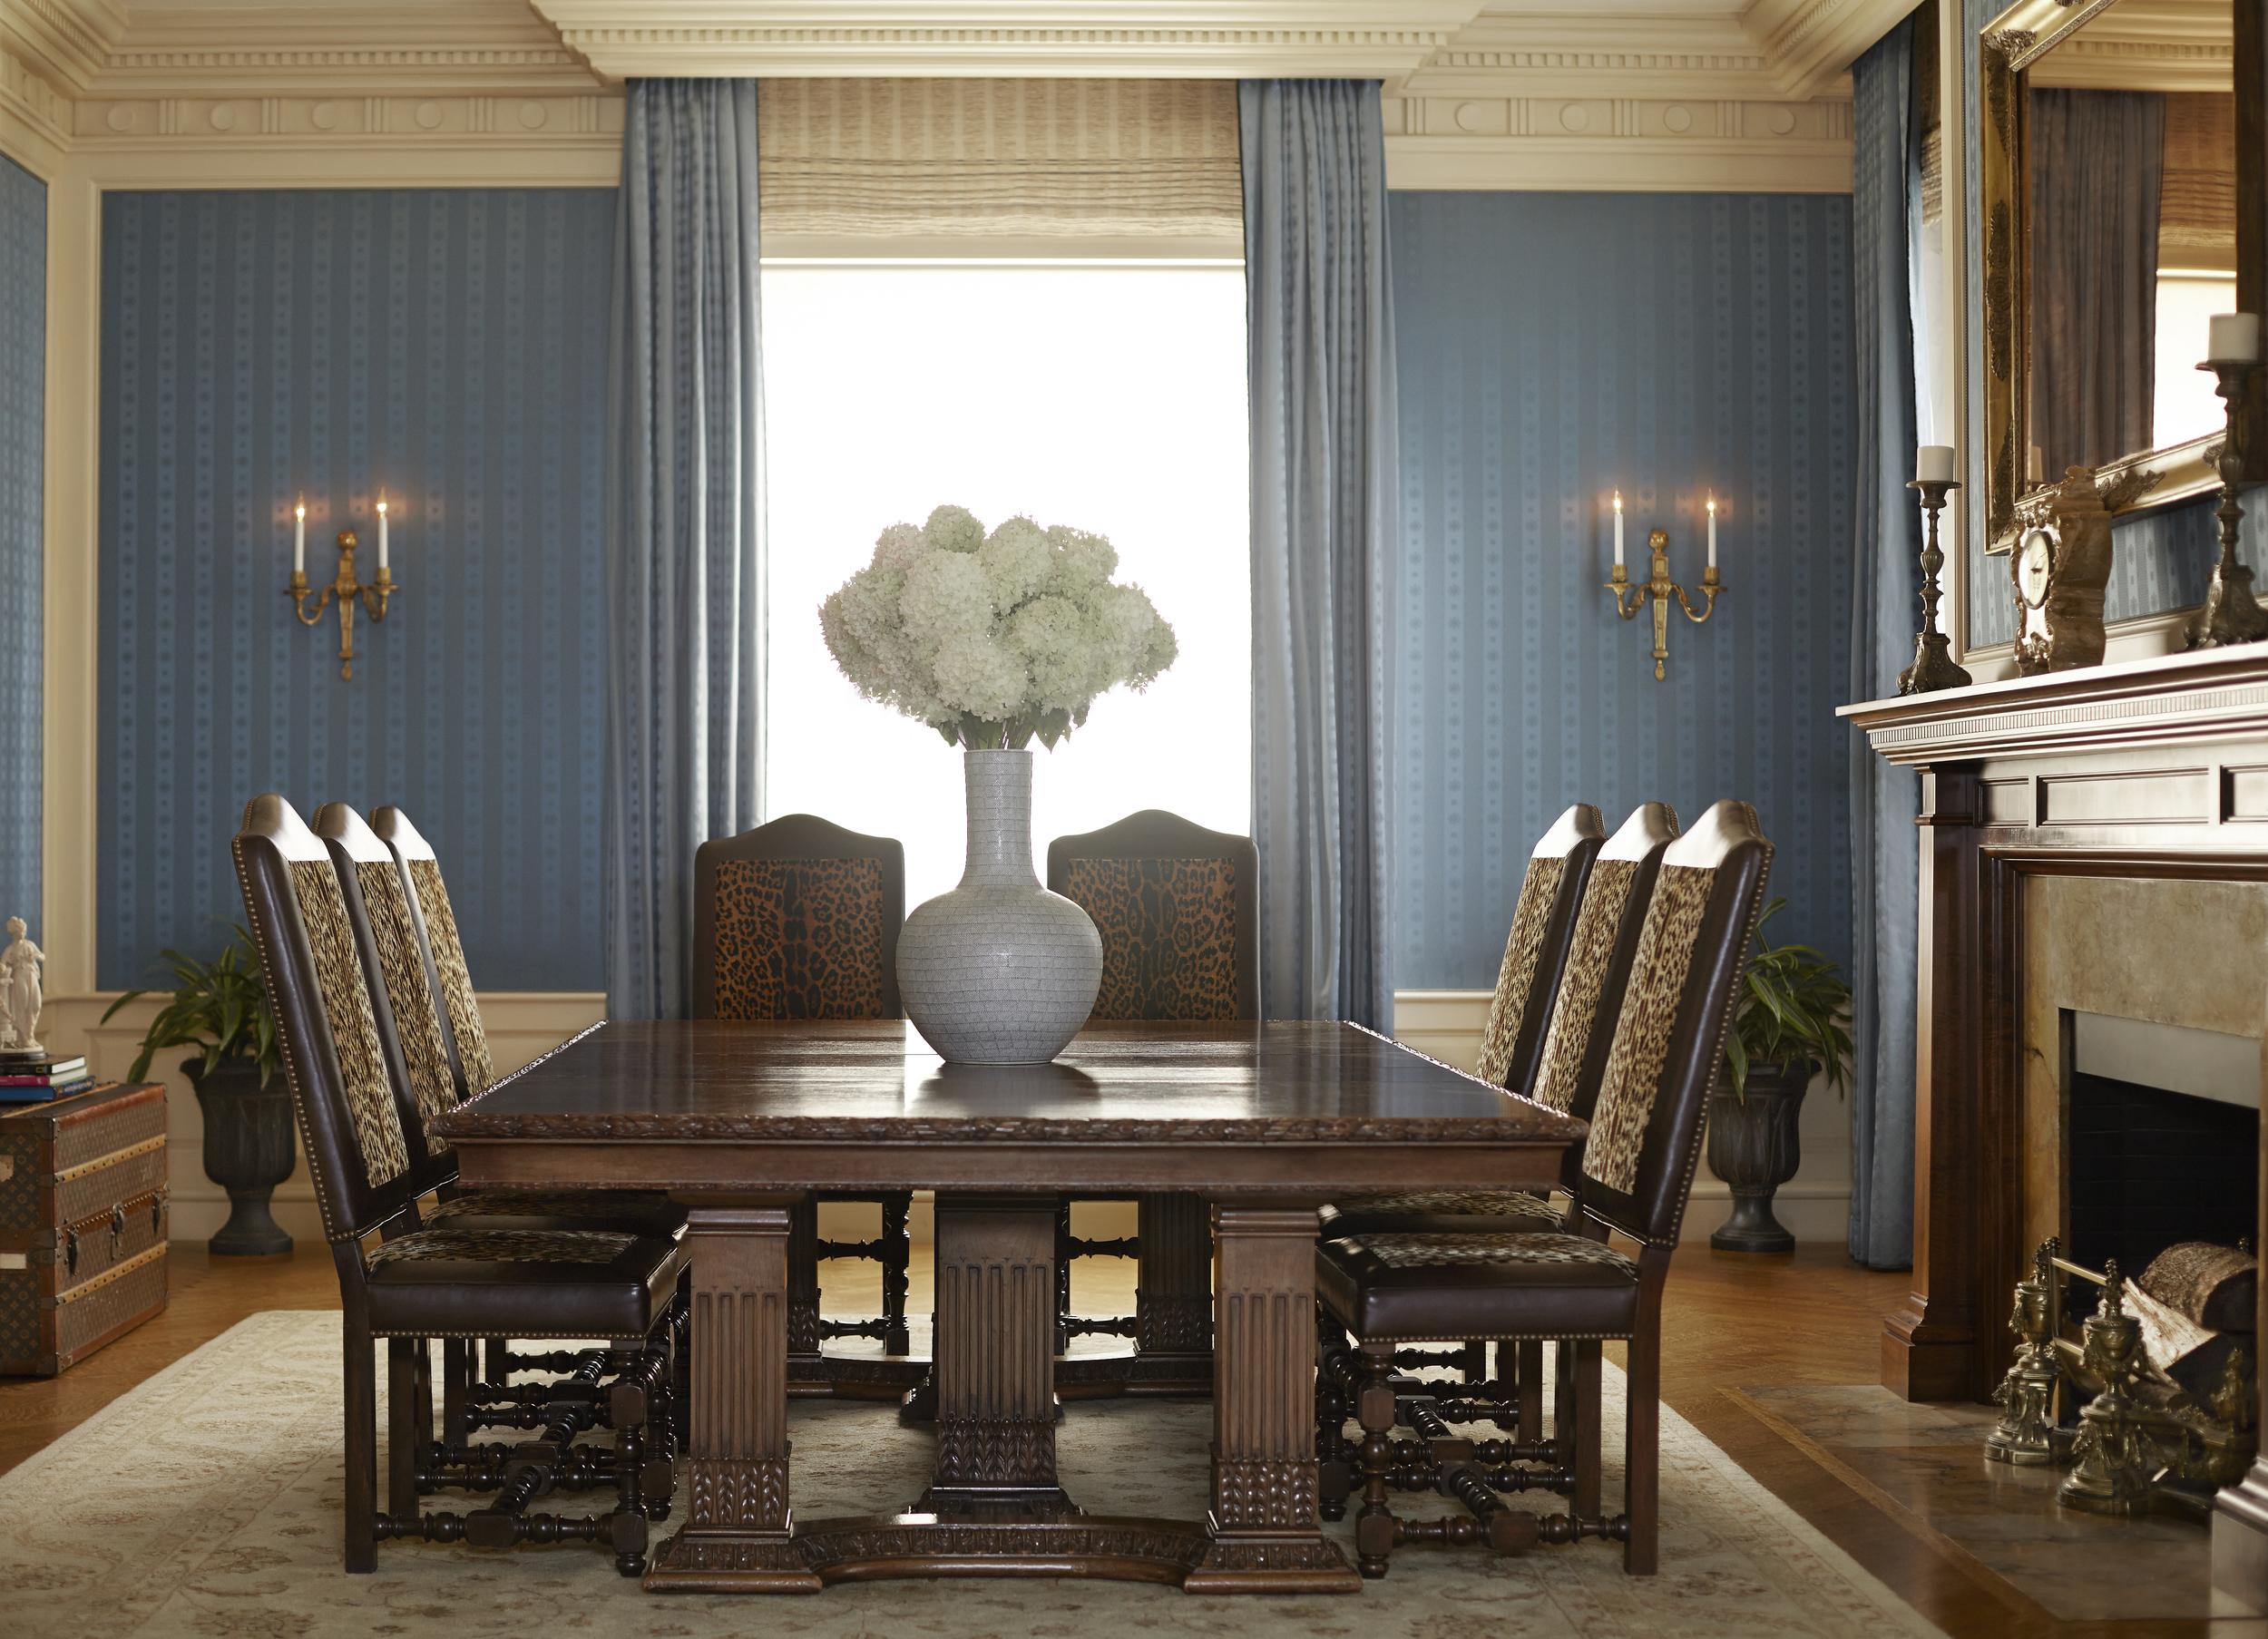 Josef_Scott_House_Living_Room 37x.jpg